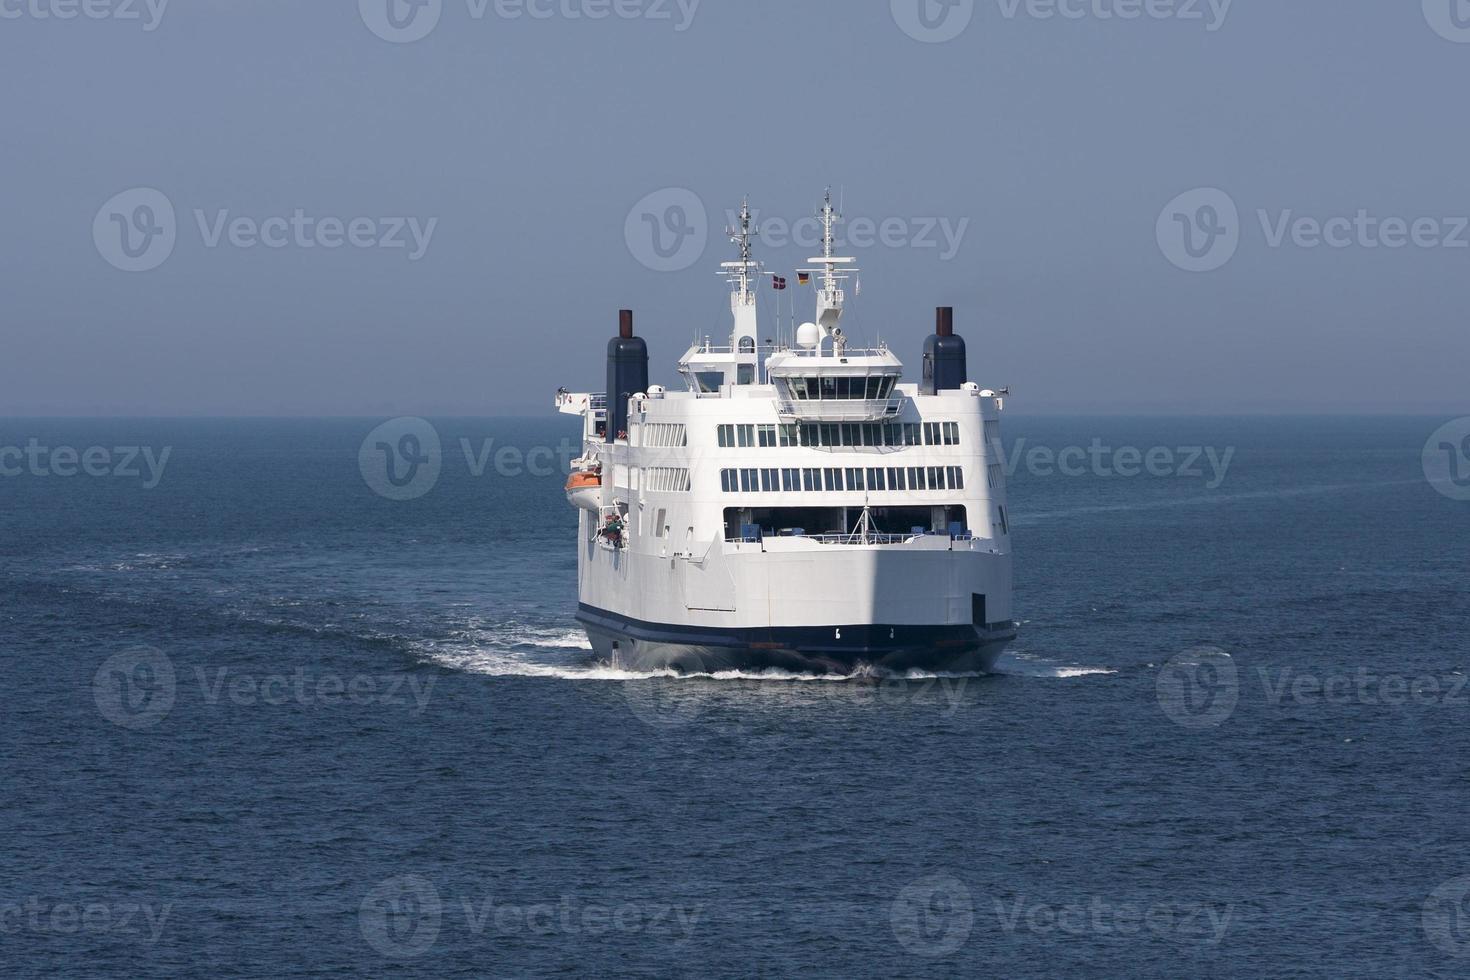 ferry entre puttgarden (d) y rodbyhavn (dk) foto